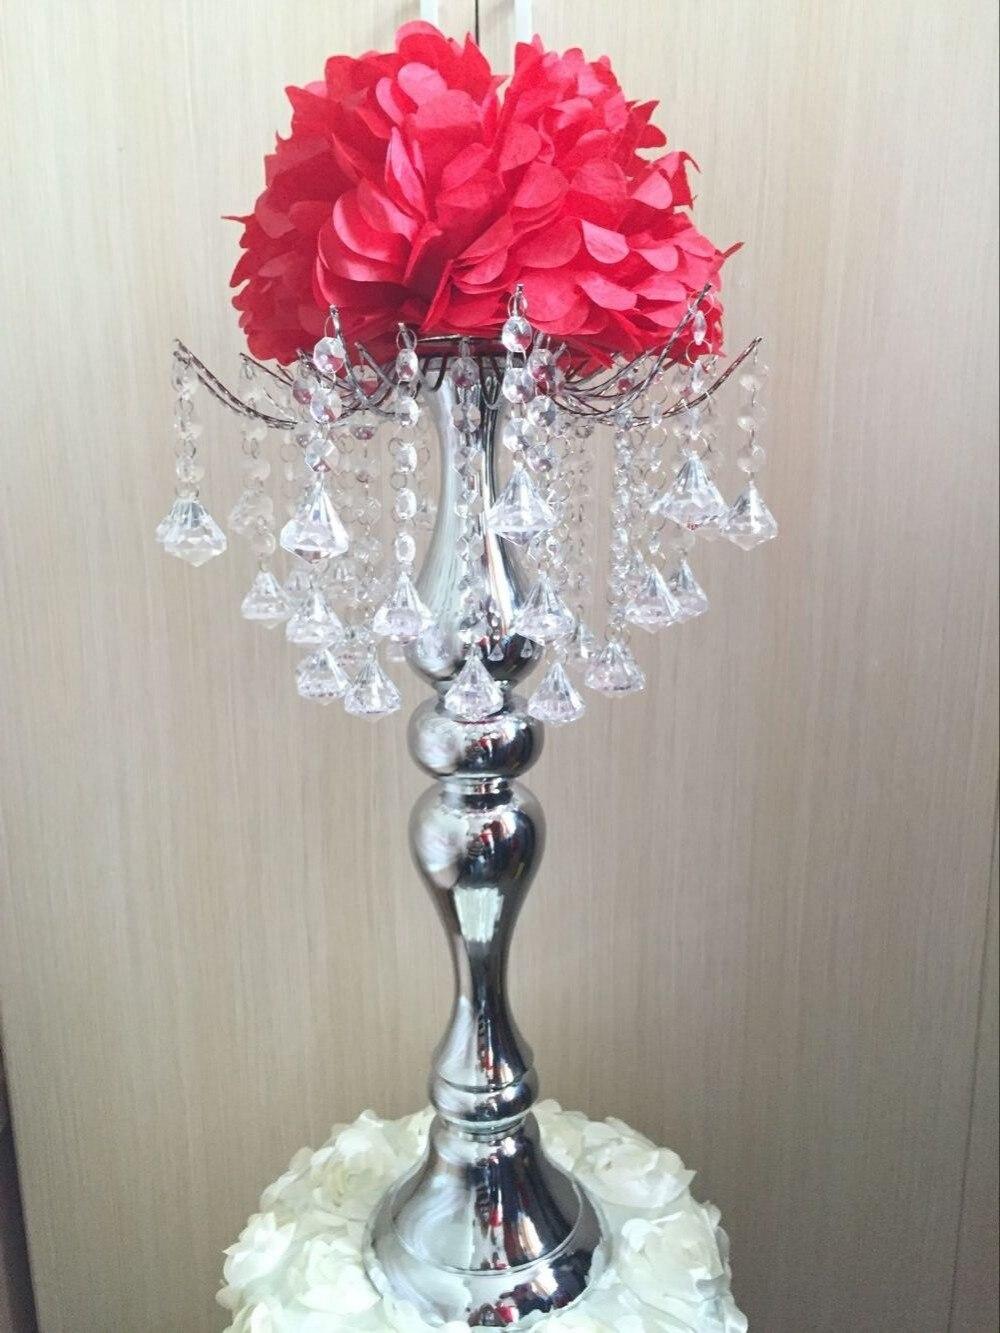 Table de mariage porte-fleurs décor métal cristal stand candélabre pan bougeoir fête hôtel pièce maîtresse fleur affichage